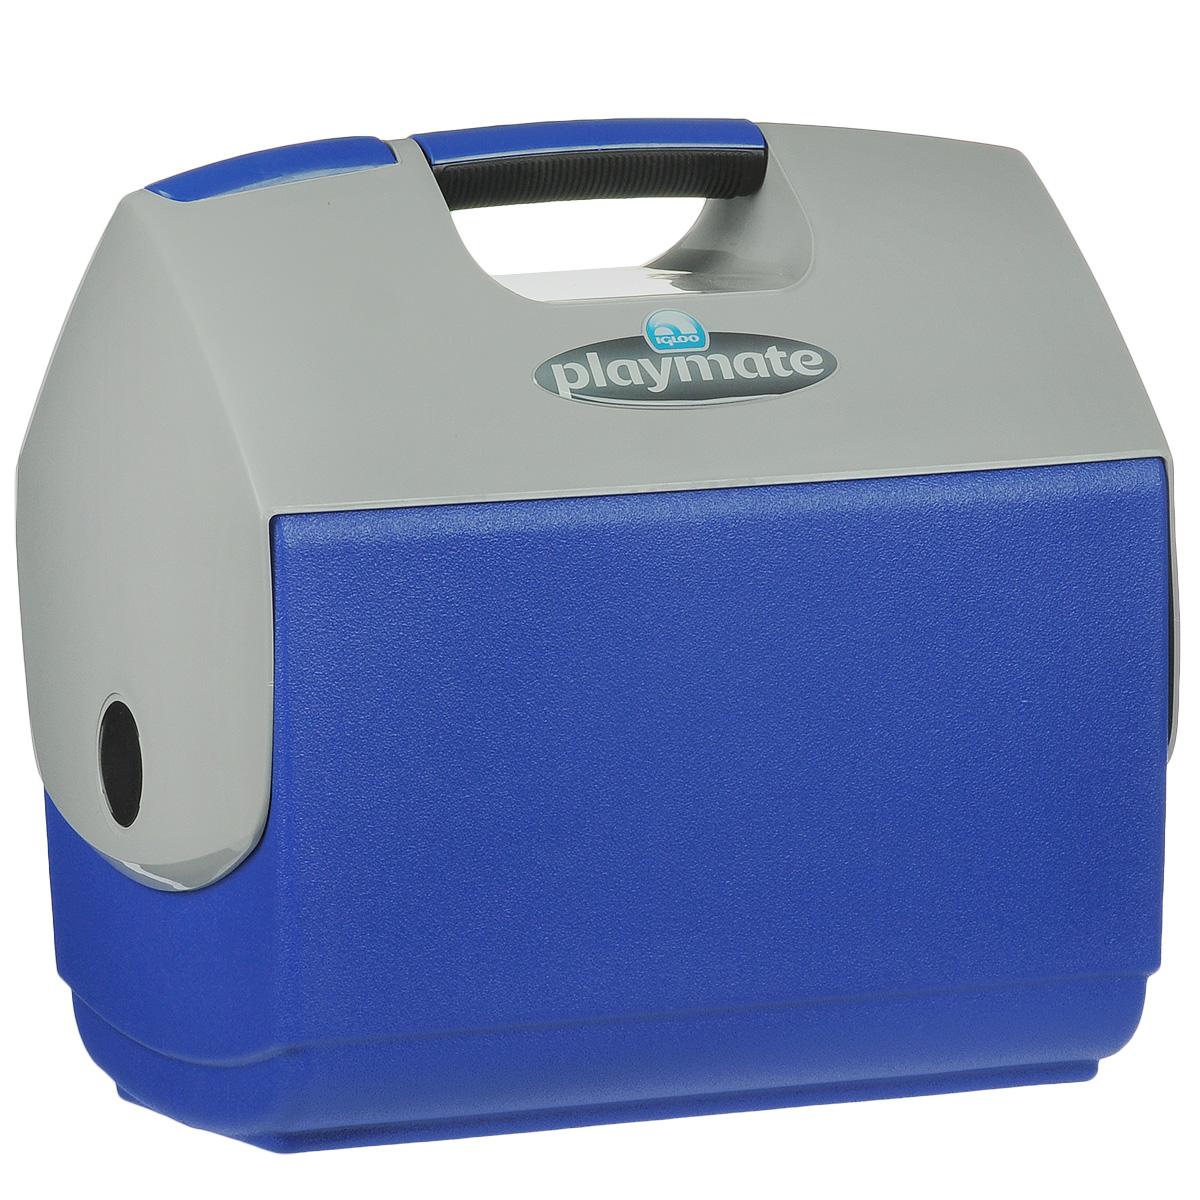 Изотермический контейнер Igloo Playmate Elite, цвет: синий, 15 л43231Легкий и прочный изотермический контейнер Igloo Playmate Elite, изготовленный из высококачественного пластика, предназначен для транспортировки и хранения продуктов и напитков. Корпус гладкий, эргономичного дизайна, ударопрочный. Поддержание внутреннего микроклимата обеспечивается за счет термоизоляционной прокладки из пены Ultra Therm, способной удерживать температуру внутри корпуса до 24 часов. Для поддержания температуры рекомендуется использовать аккумуляторы холода (в комплект не входят). Контейнер имеет удобную ручку и распахивающуюся крышку для легкого доступа к продуктам. Крышка плотно и герметично закрывается. Оригинальный замок на крышке Playmate-Realise позволяет открывать контейнер одной рукой. Такой контейнер можно взять с собой куда угодно: на отдых, пикник, кемпинг, на дачу, на рыбалку или охоту и т.д. Идеальный вариант для отдыха на природе.